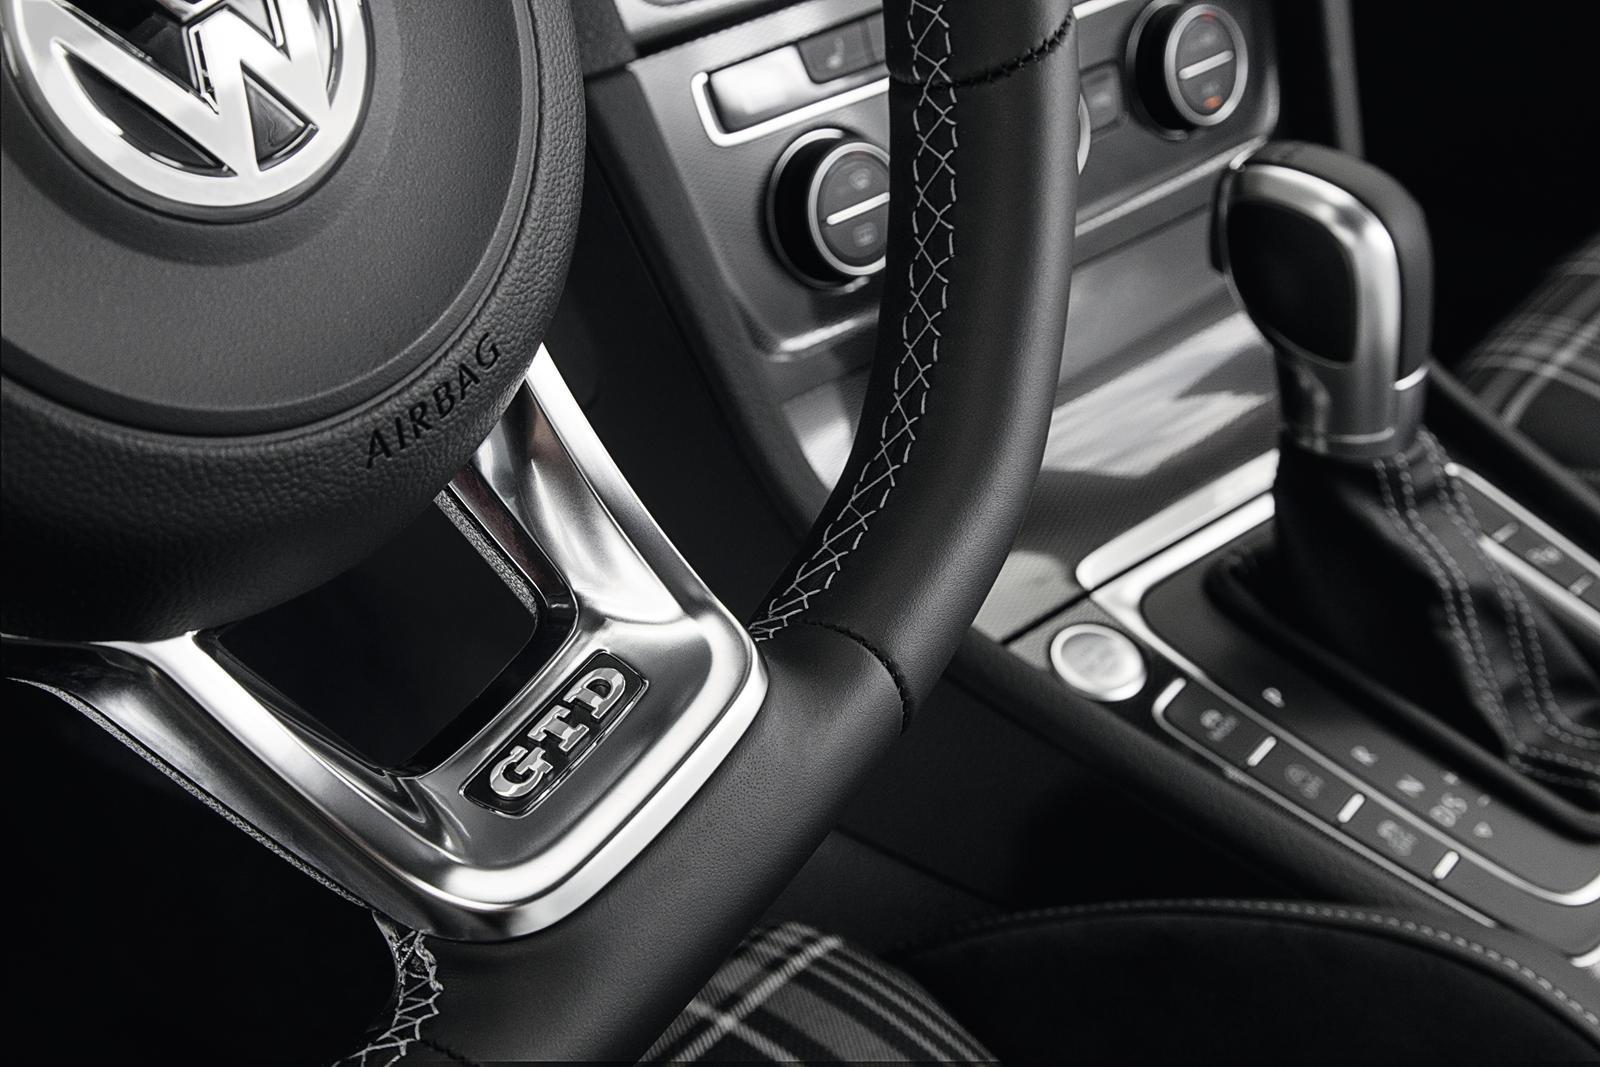 Но это все в прошлом, поскольку VW готовится к запуску ряда совершенно новых, полностью электрических транспортных средств, начиная с кроссовера ID.3. VW ID.4 дебютирует в апреле этого года в Нью-Йорке. Однако, прежде чем это произойдет, VW привезет